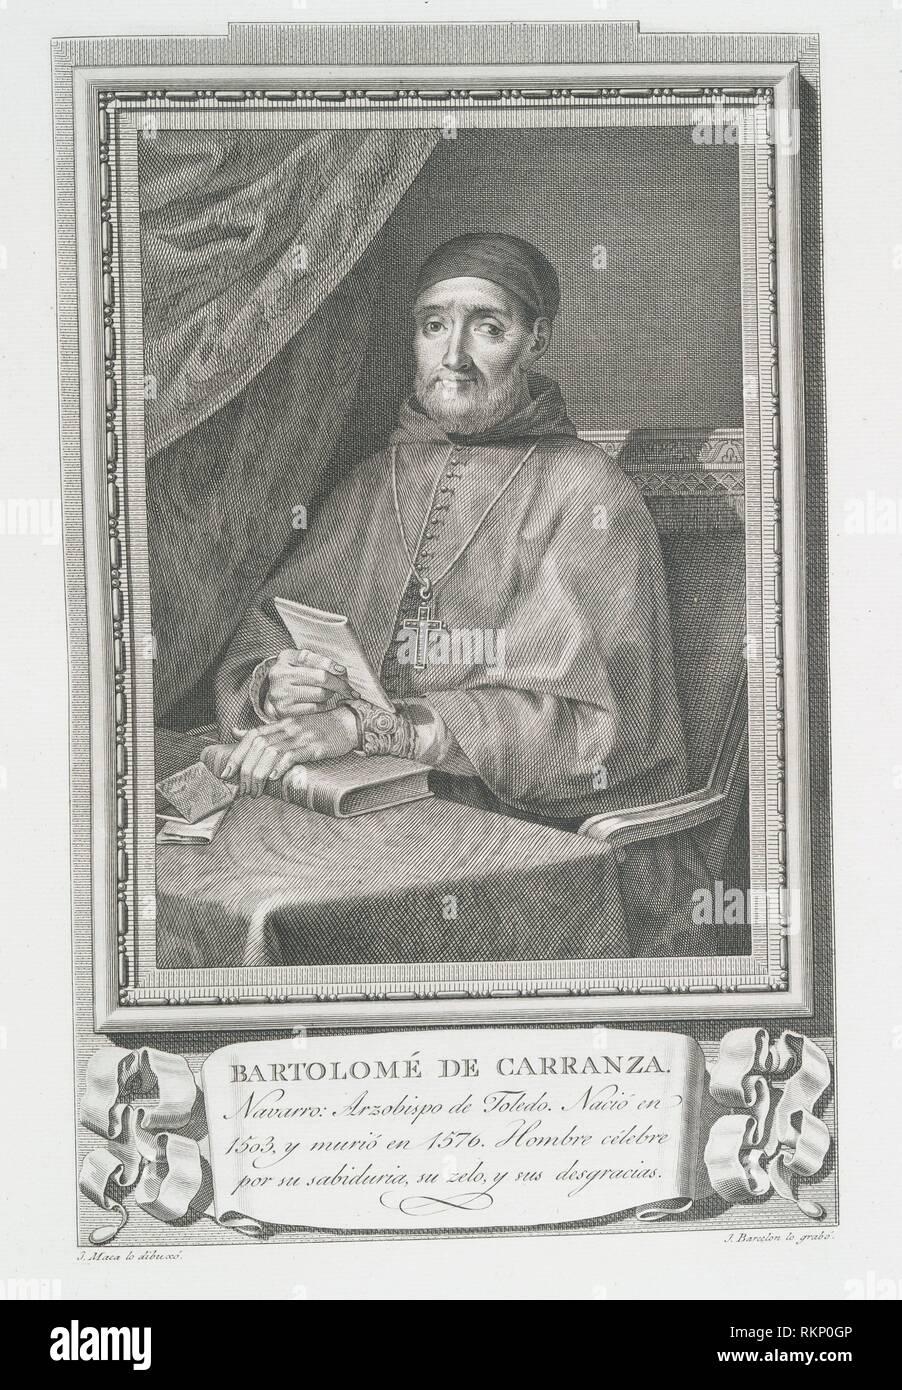 Bartolomé de Carranza. Maea, José (1759-1826) (Artist) Barcelon, Juan (Engraver). Retratos de los Españoles ilustres, con un epítome de sus vidas. - Stock Image